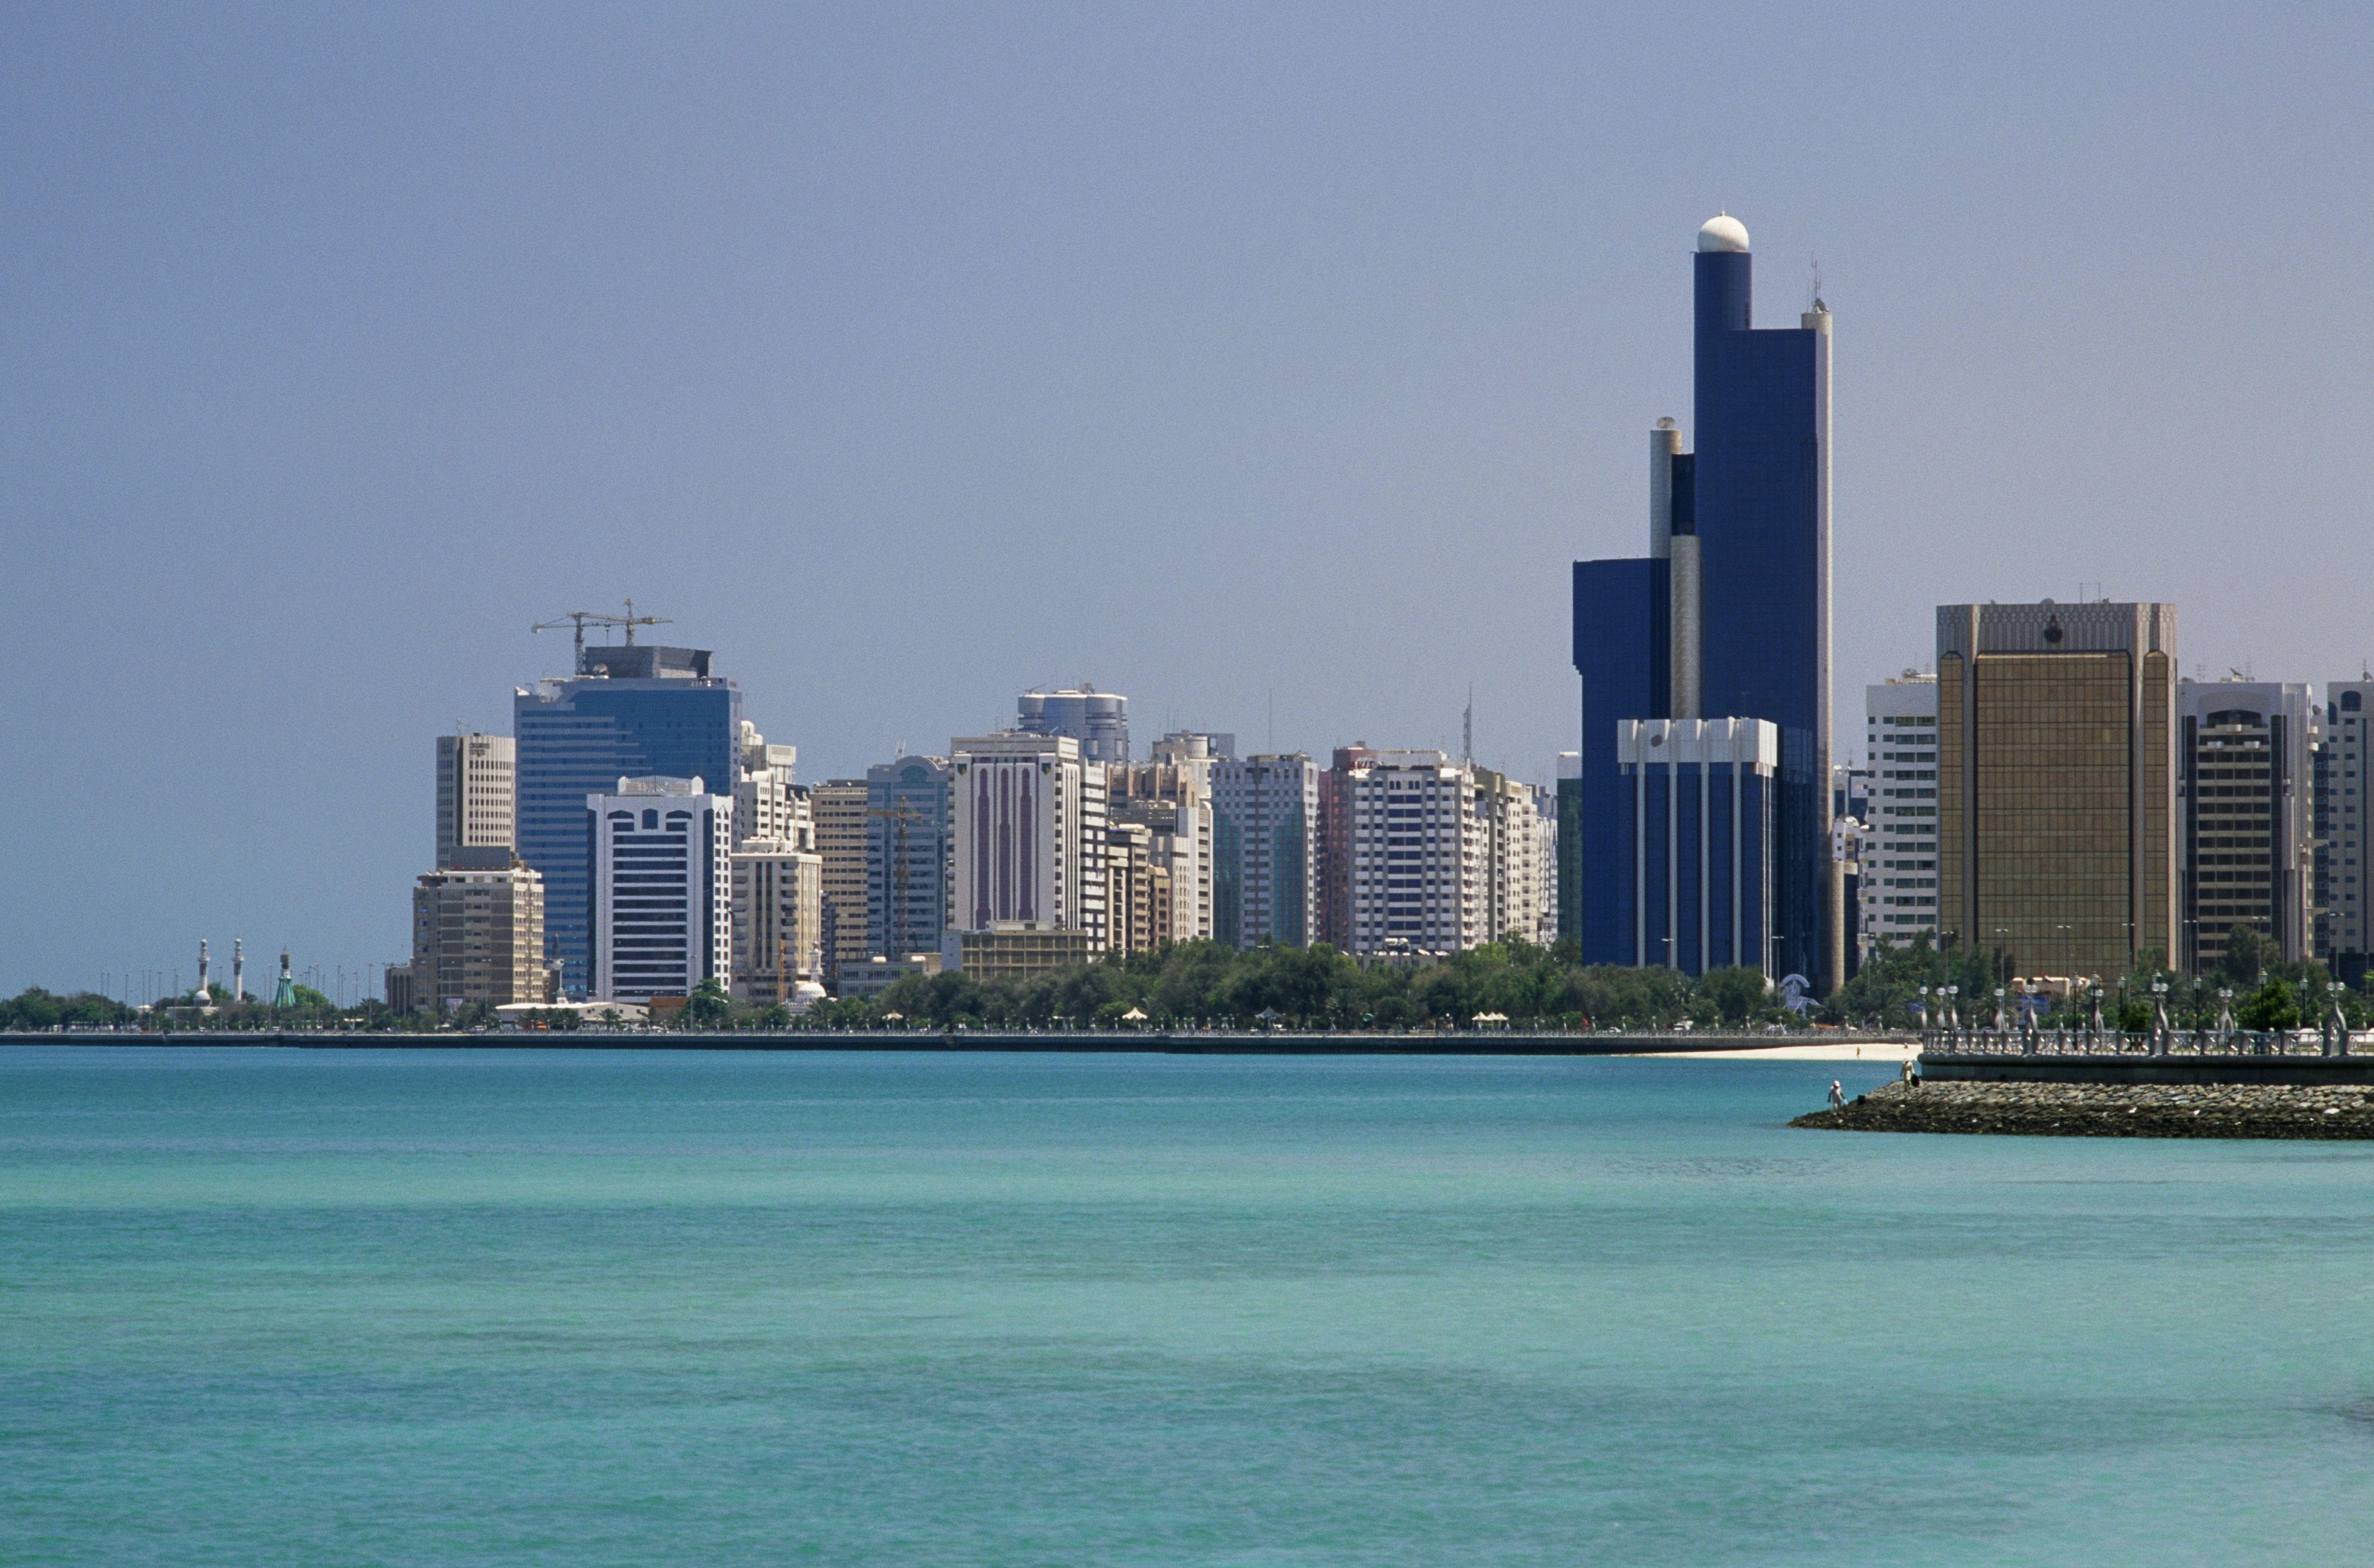 Абу Дабі, ОАЕ